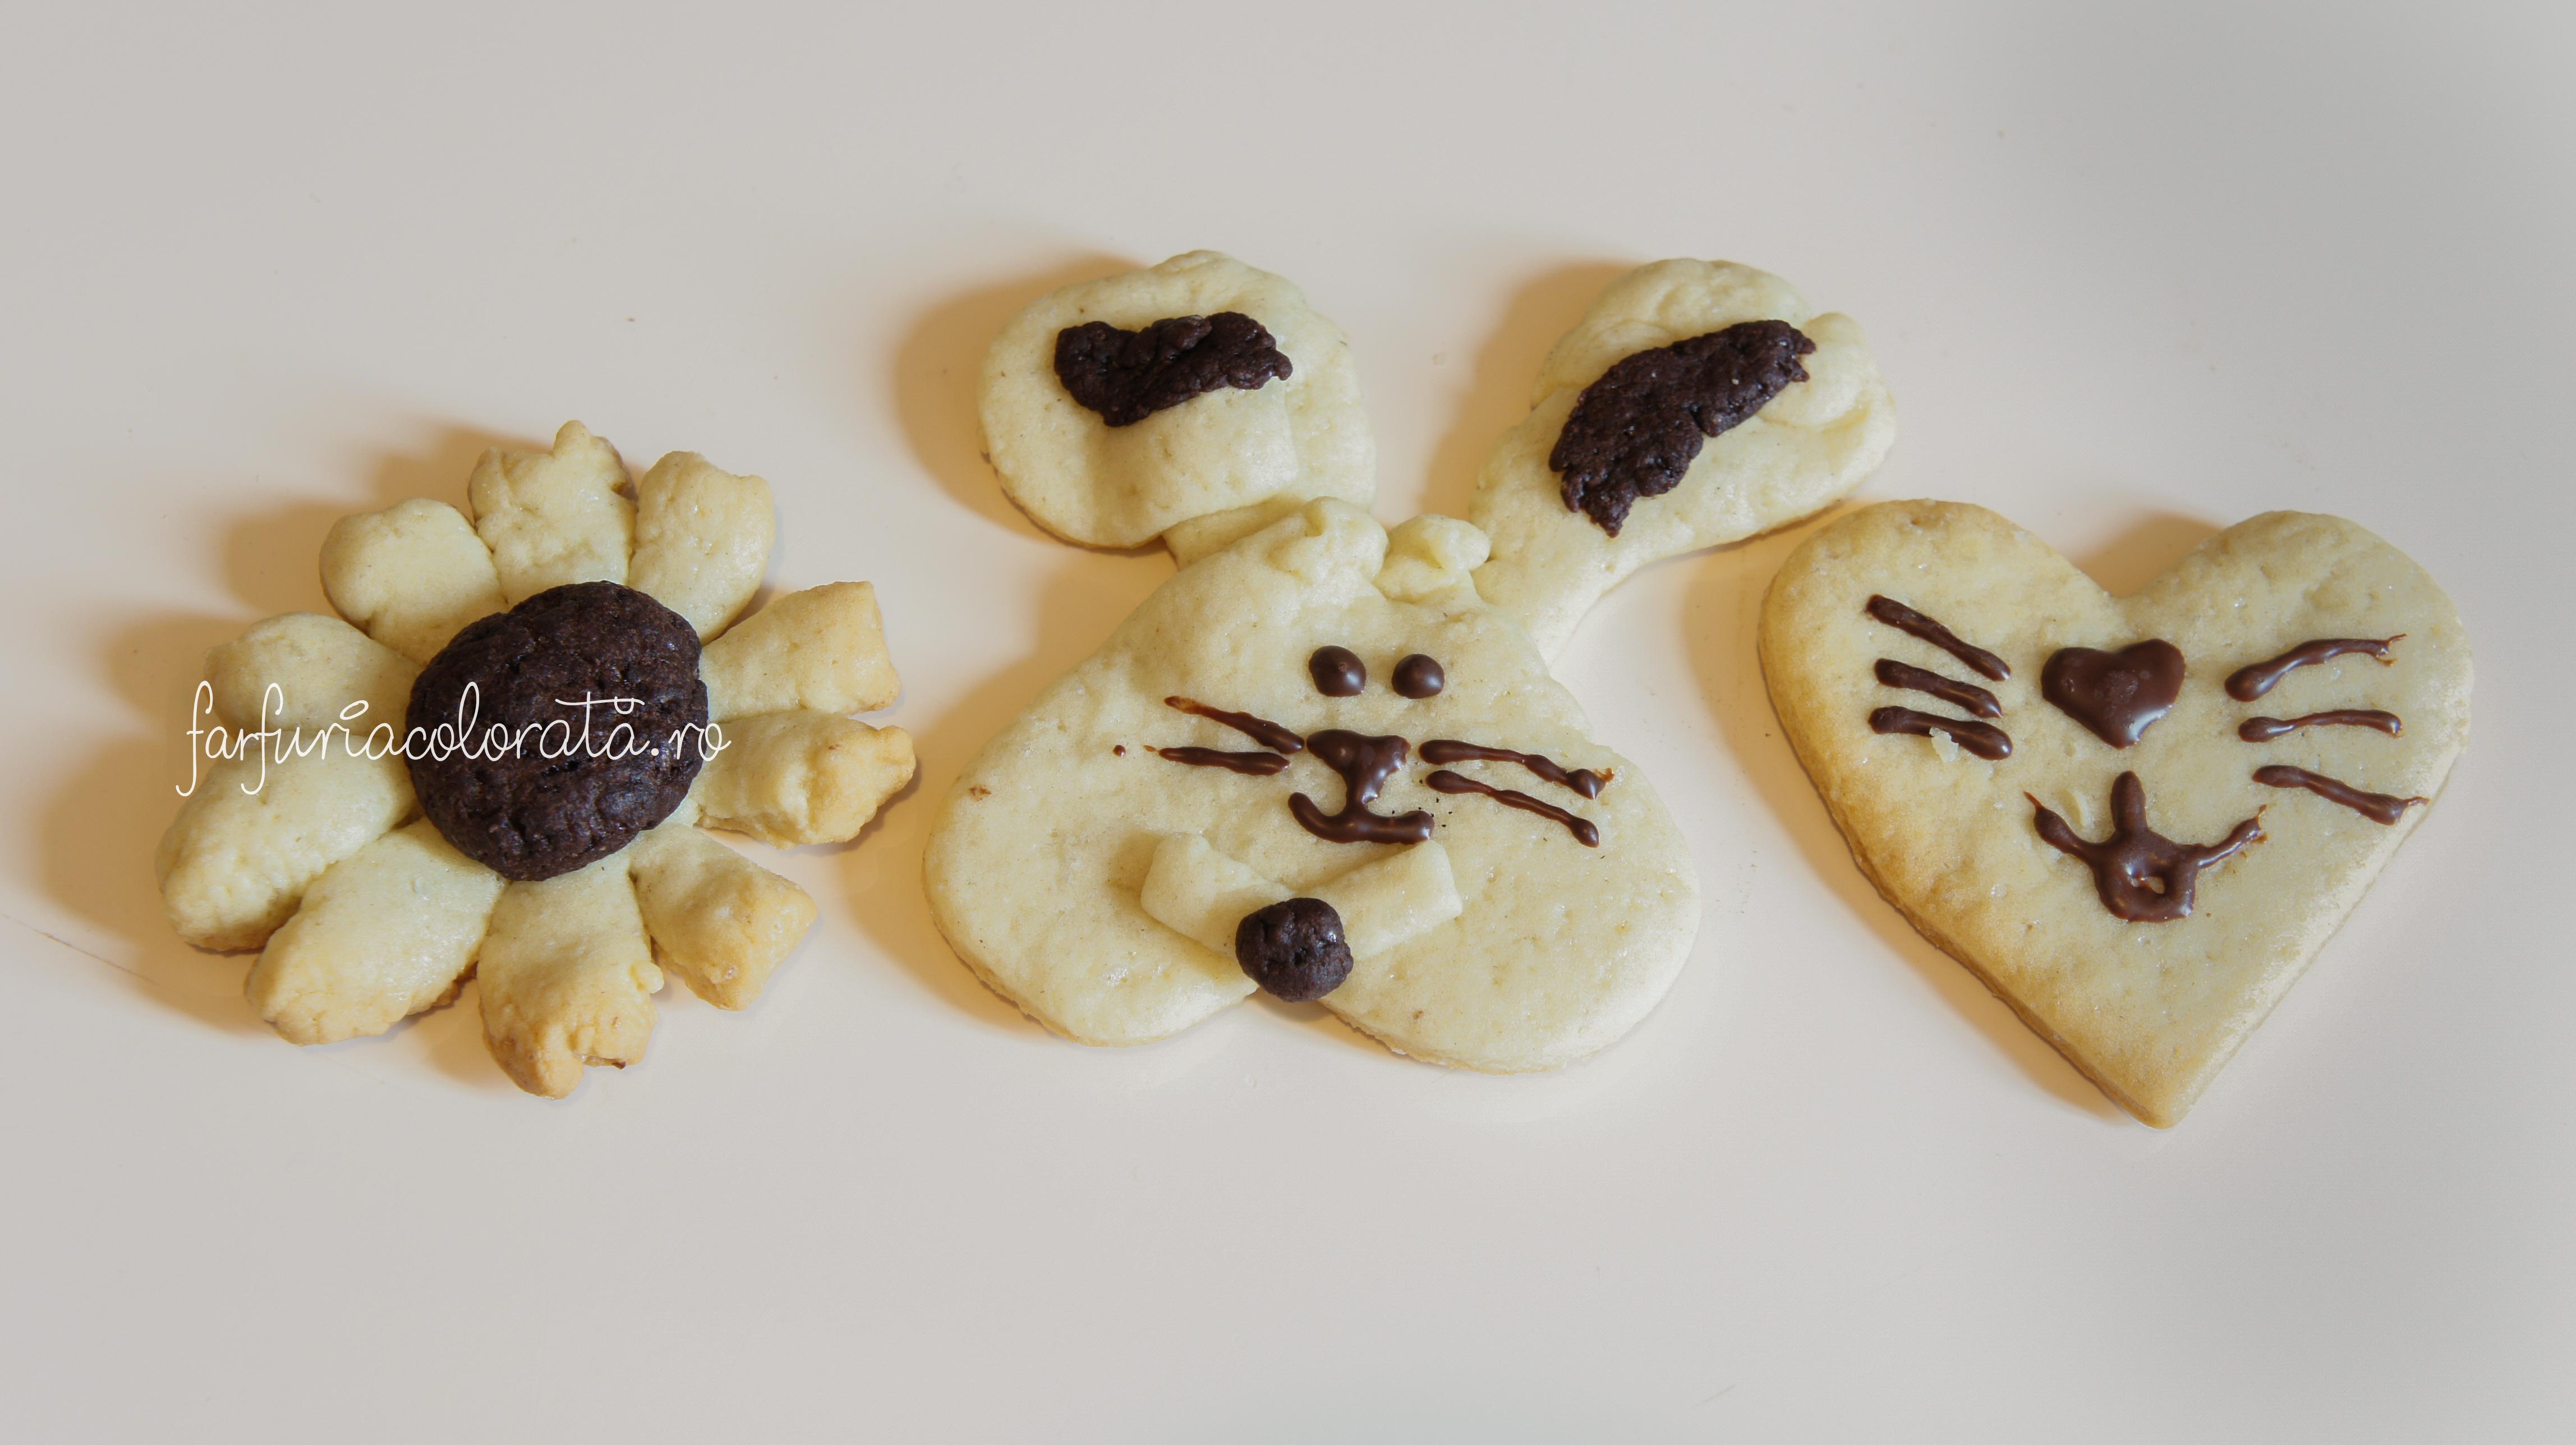 fursecuri pentru Paște, biscuiți pentru Paște